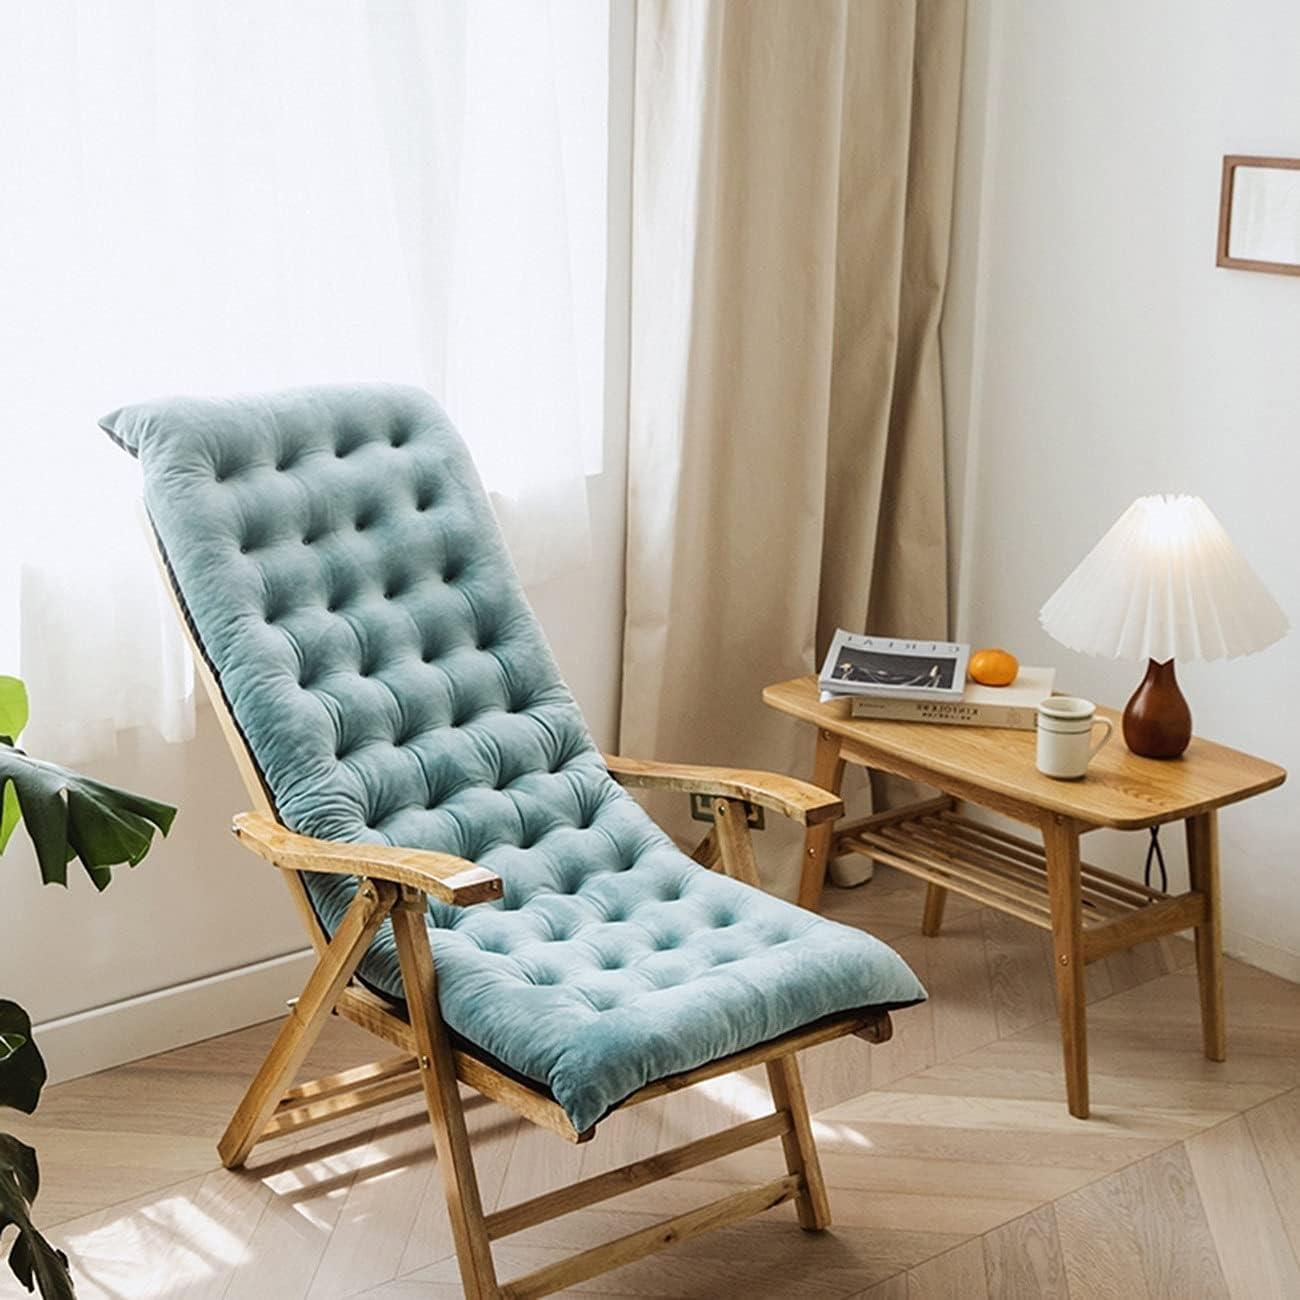 DaFei Garden Sunlounger Cushions 125cm Trust Lounger Sun Onl Sales